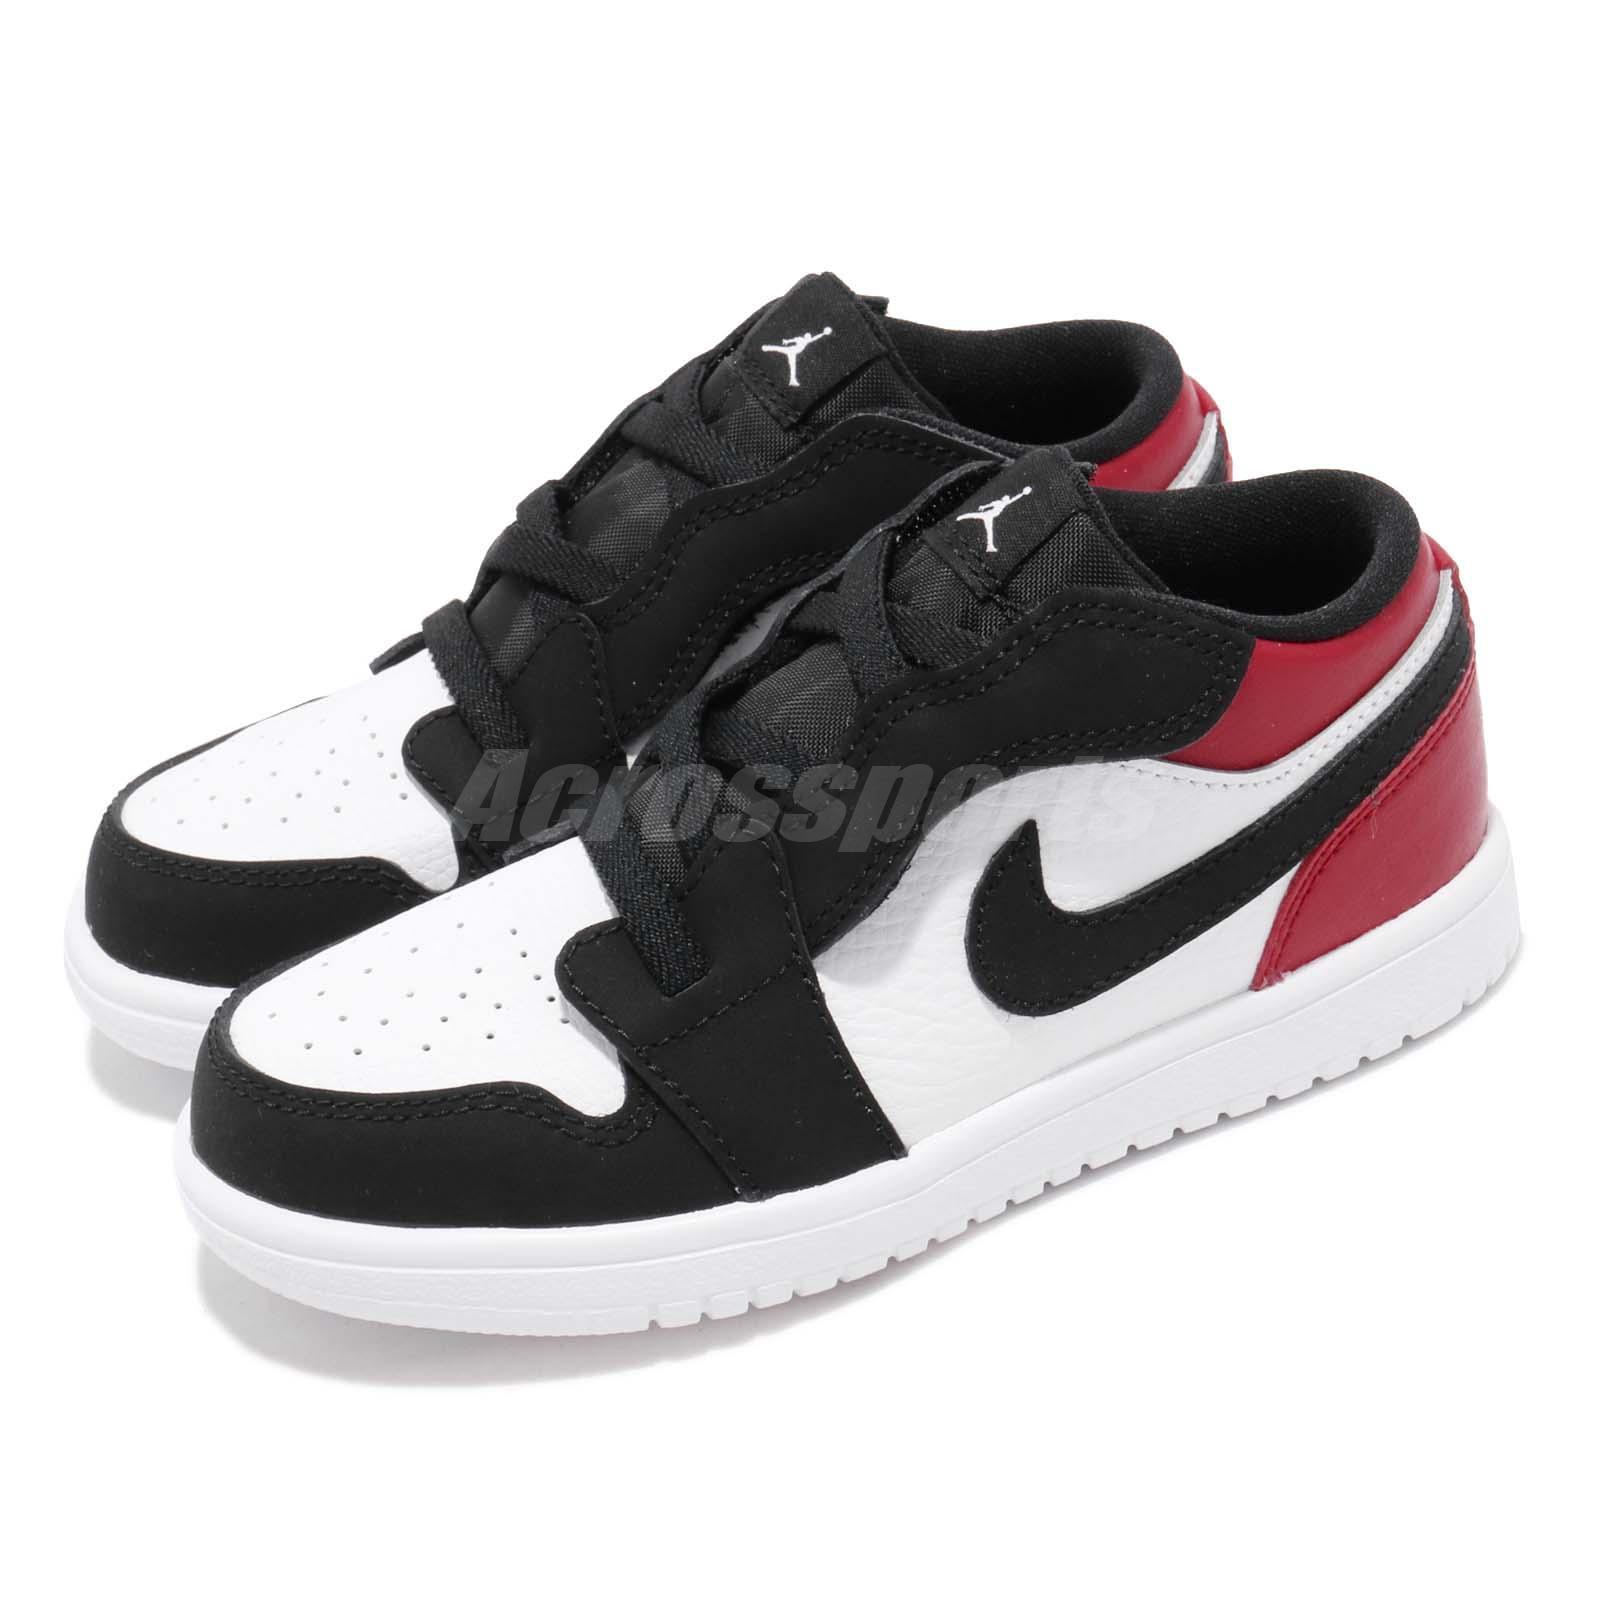 pas cher pour réduction 95e3e 7846c Details about Nike Jordan 1 Low ALT TD I AJ1 Black Toe Red Toddler Infant  Shoes CI3436-116